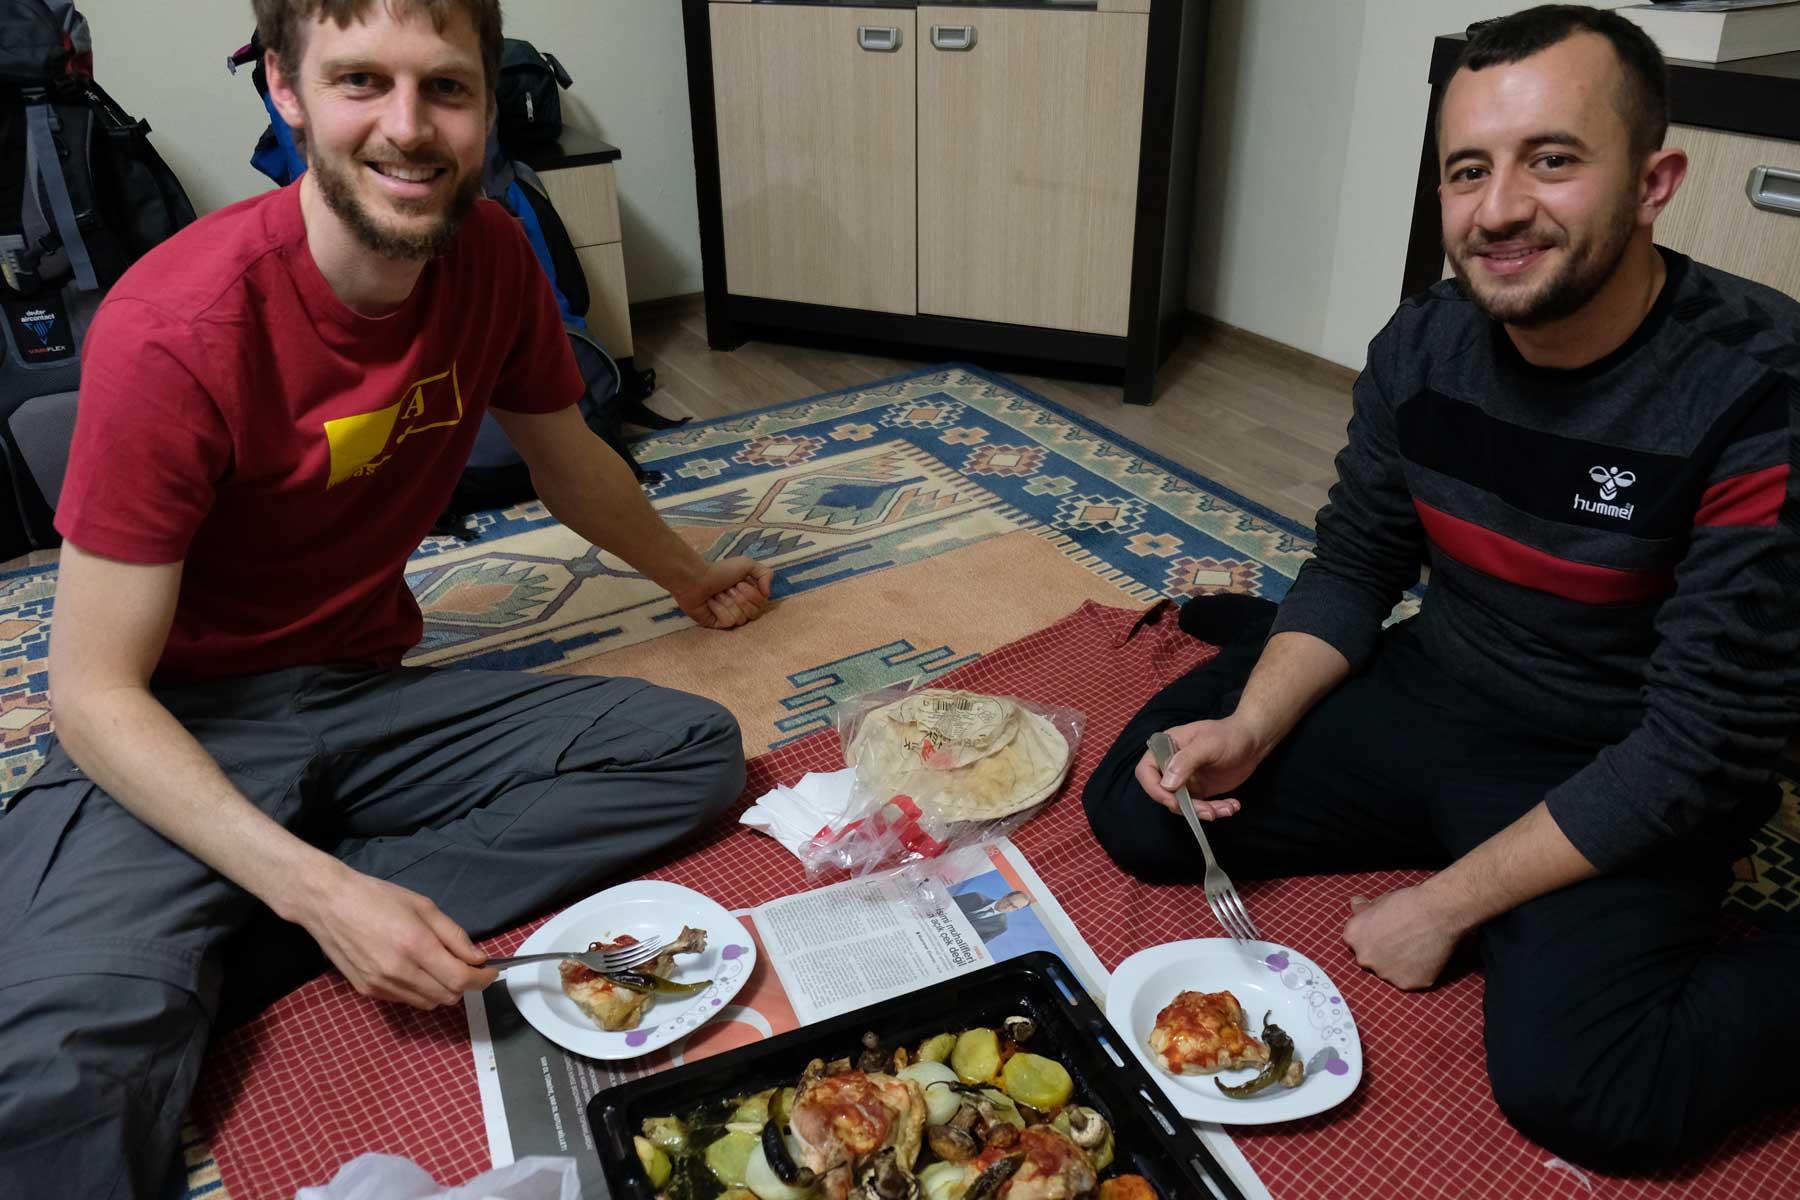 Sebastian und Fatih sitzen auf dem Boden und essen